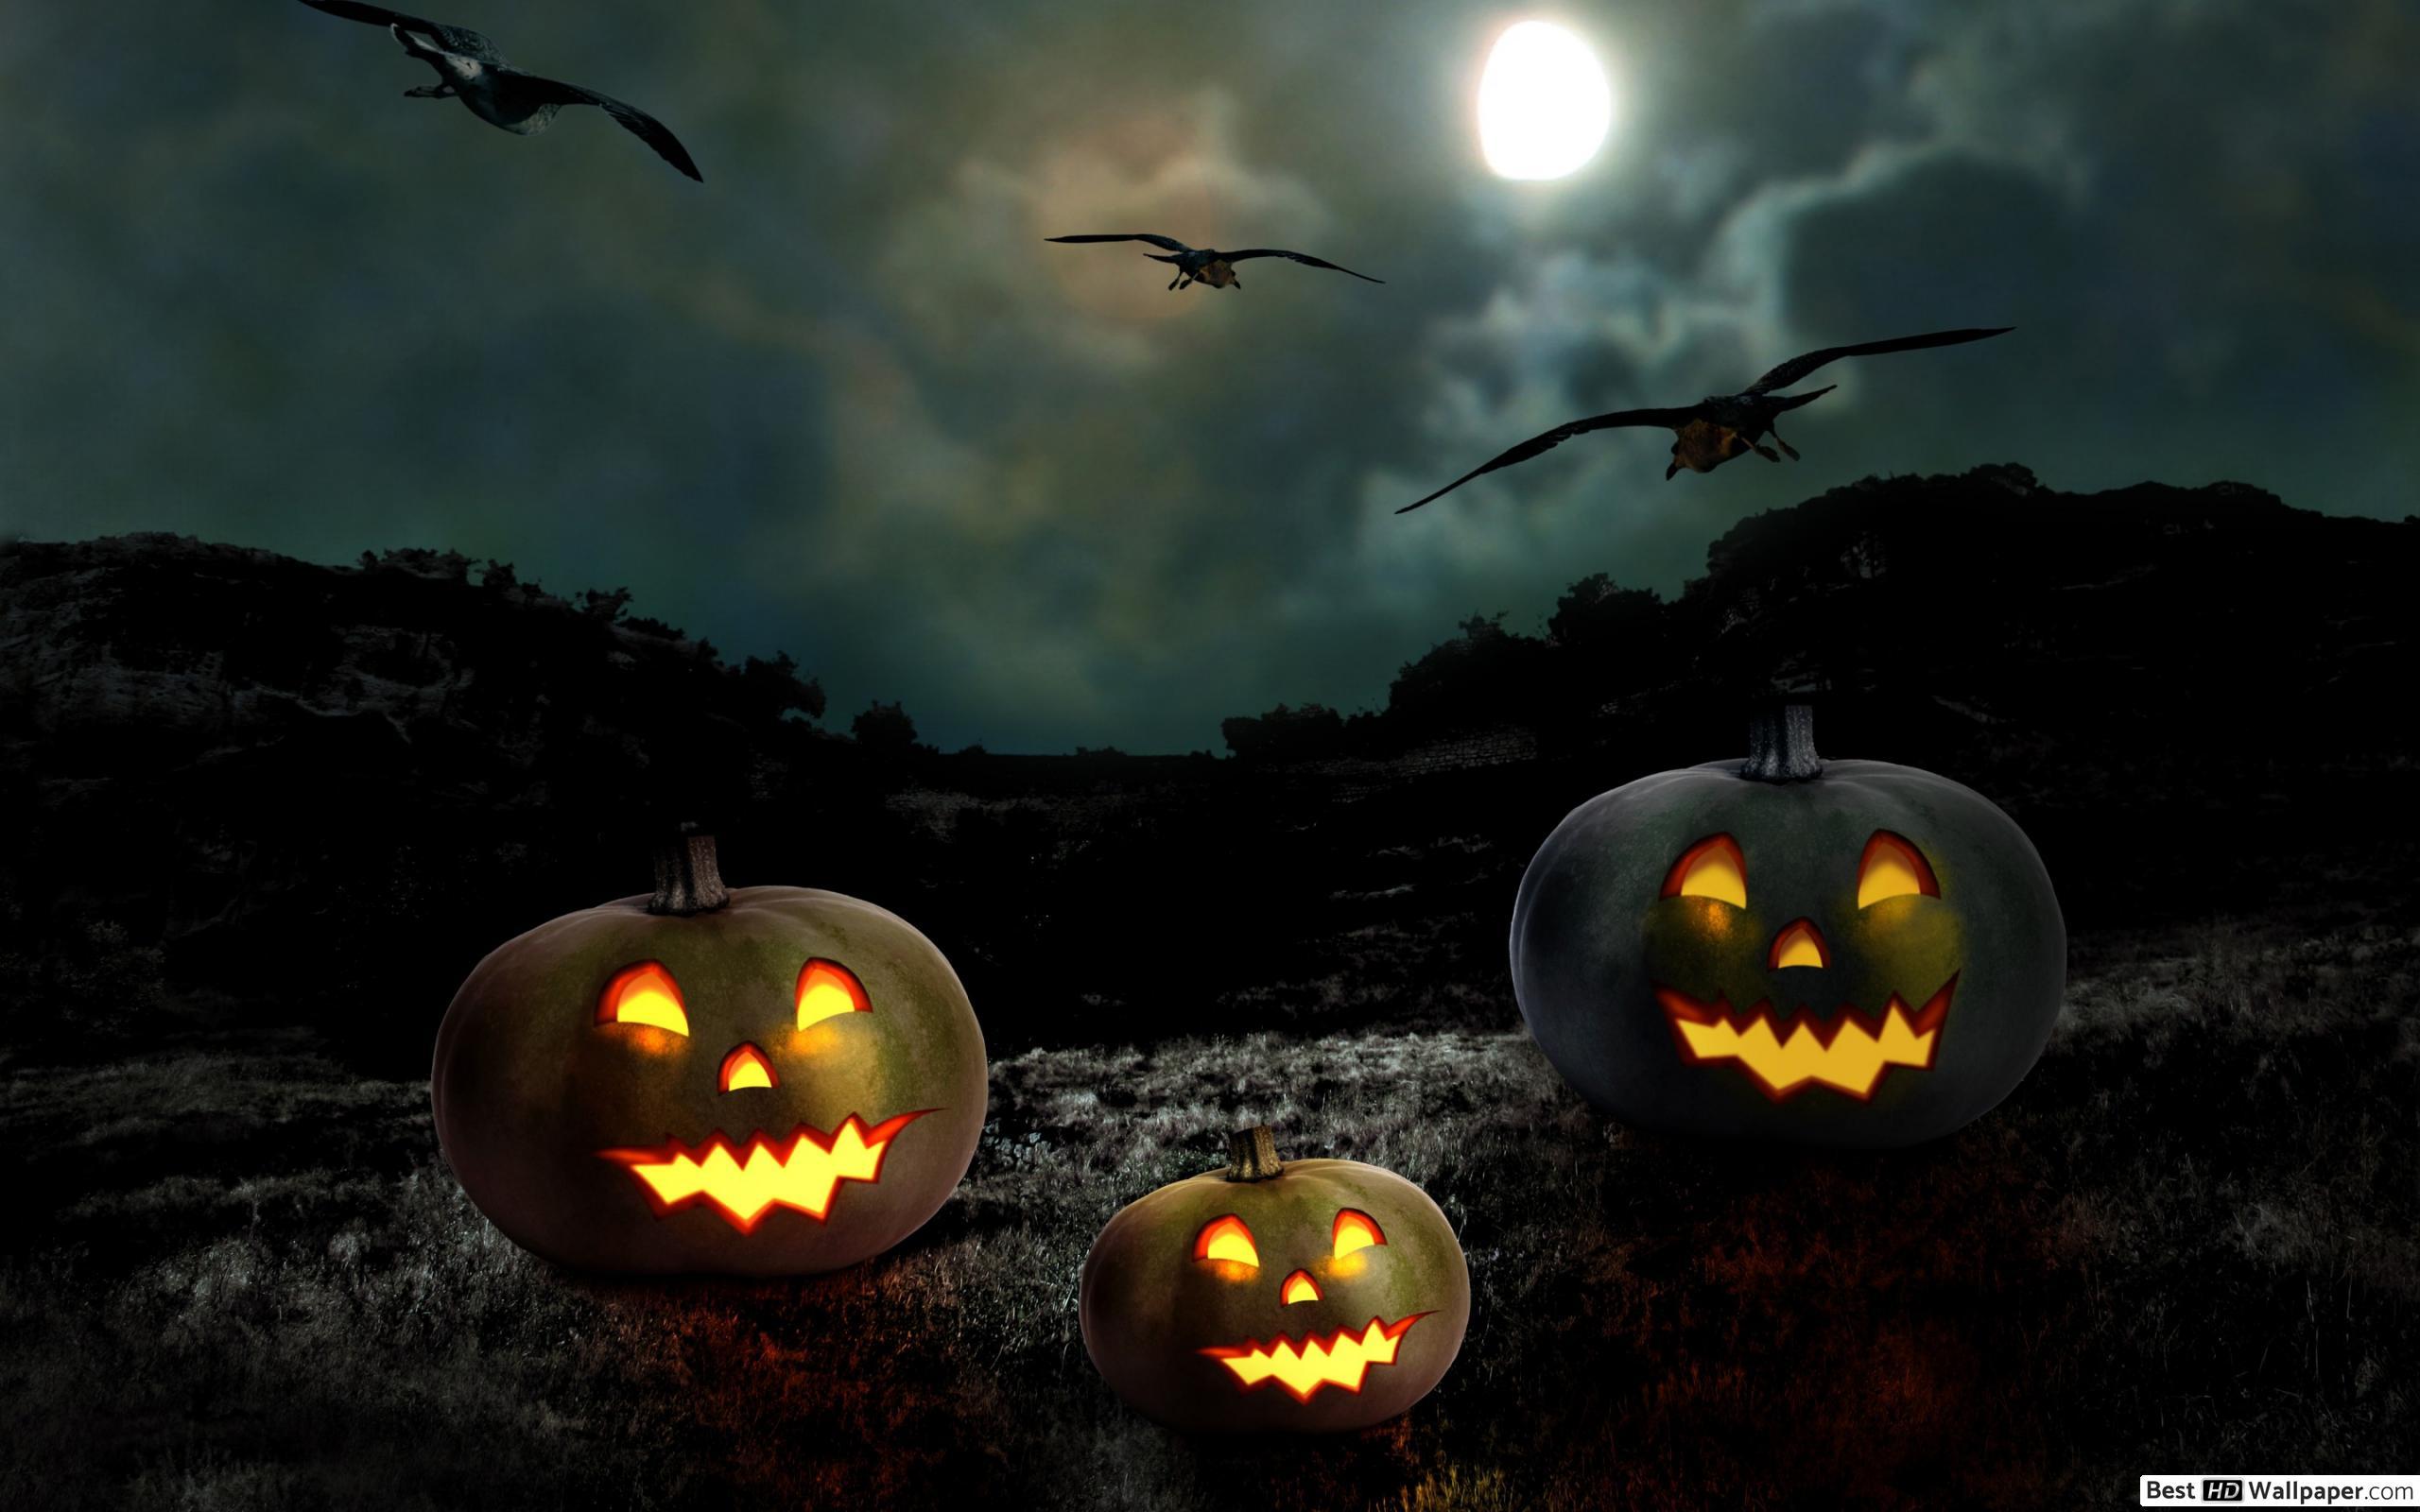 Citrouilles D'halloween Hd Fond D'écran Télécharger tout Photo De Citrouille D Halloween